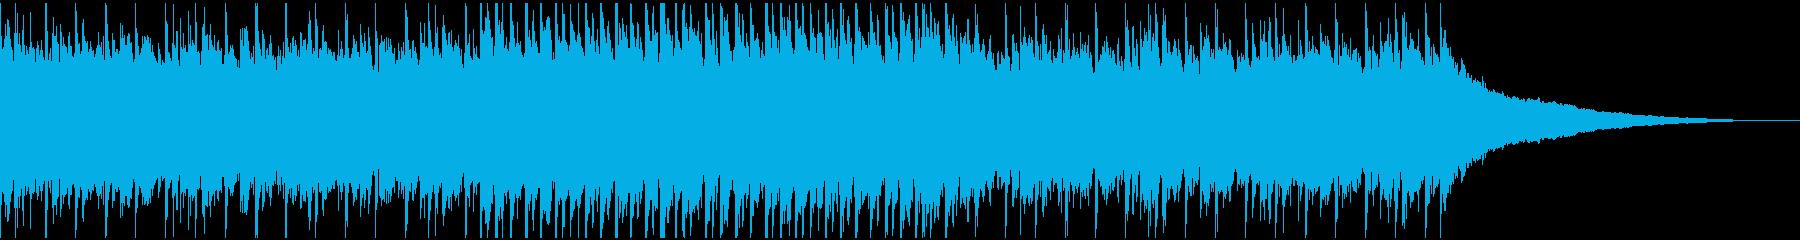 60秒企業VP35,コーポレート,躍動感の再生済みの波形